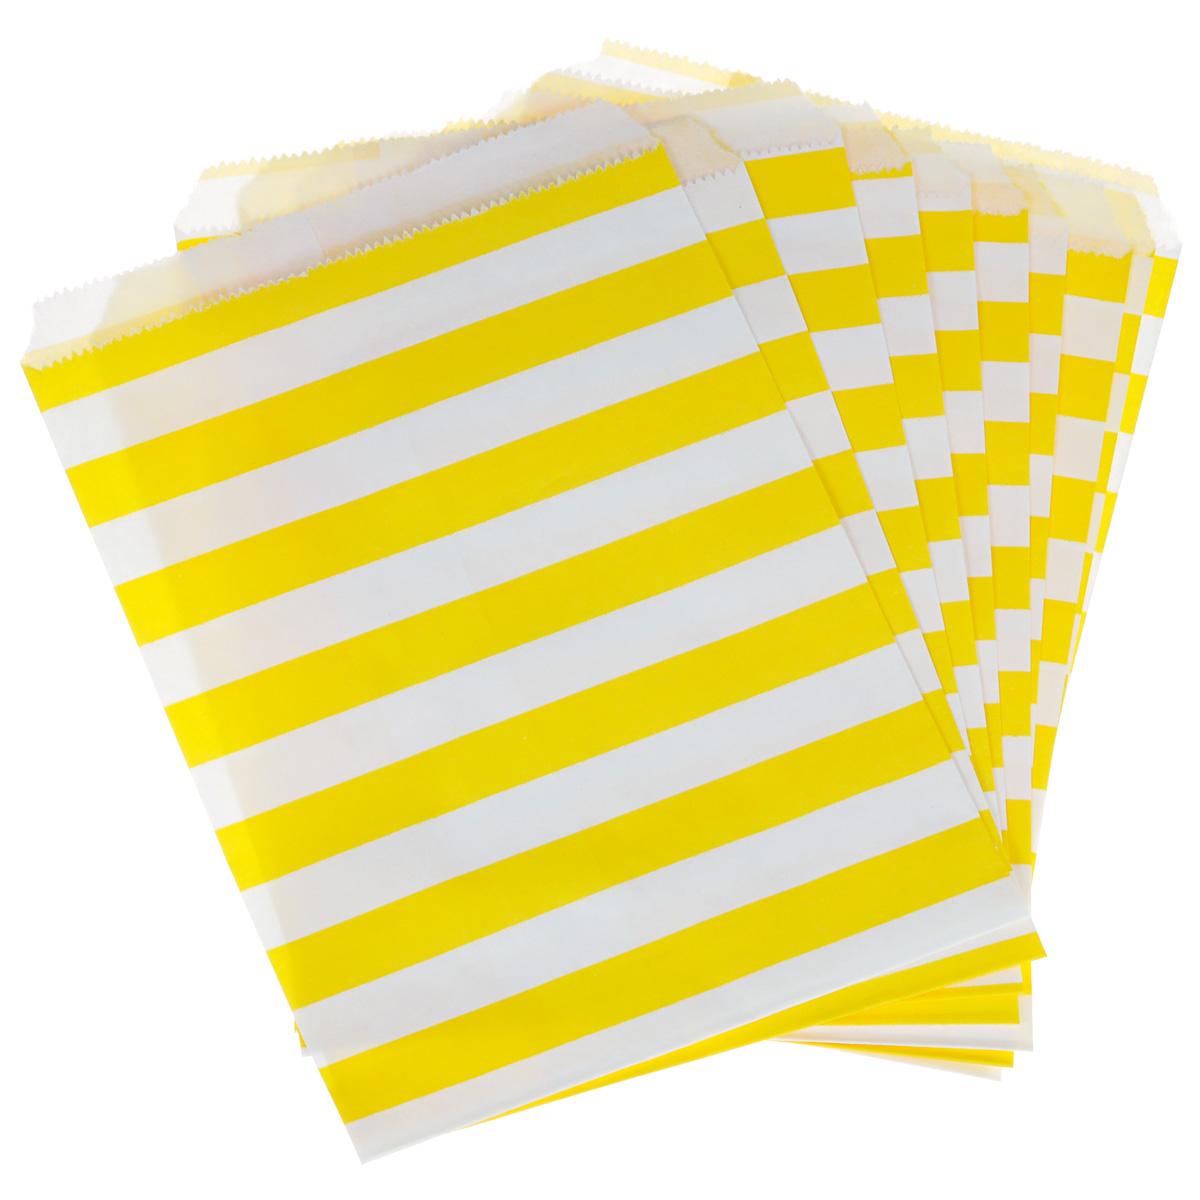 Пакеты бумажные Dolce Arti Stripes, для выпечки, цвет: желтый, 10 шт115510Бумажные пакеты Dolce Arti Stripes очень многофункциональны. Их можно использовать насколько хватит вашей фантазии: для выпекания, для упаковки маленьких подарков, сладостей и многого другого. Размер: 13 см х 18 см.